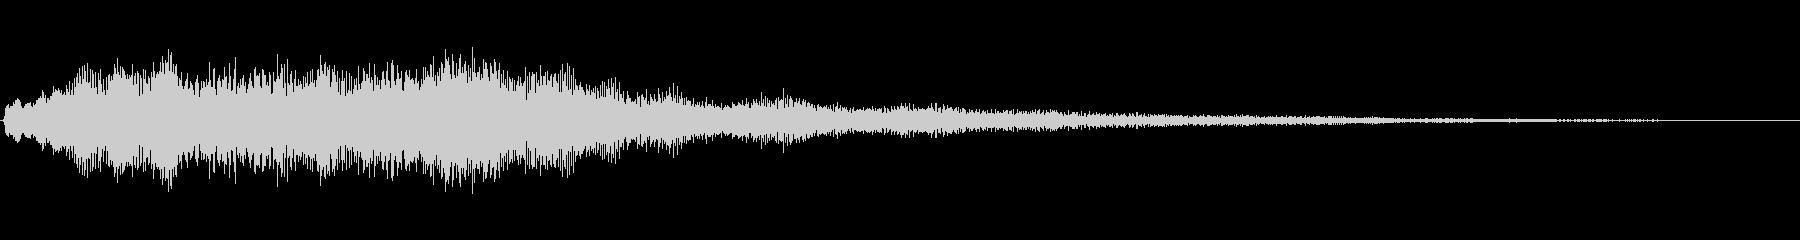 キラーーーン #55の未再生の波形